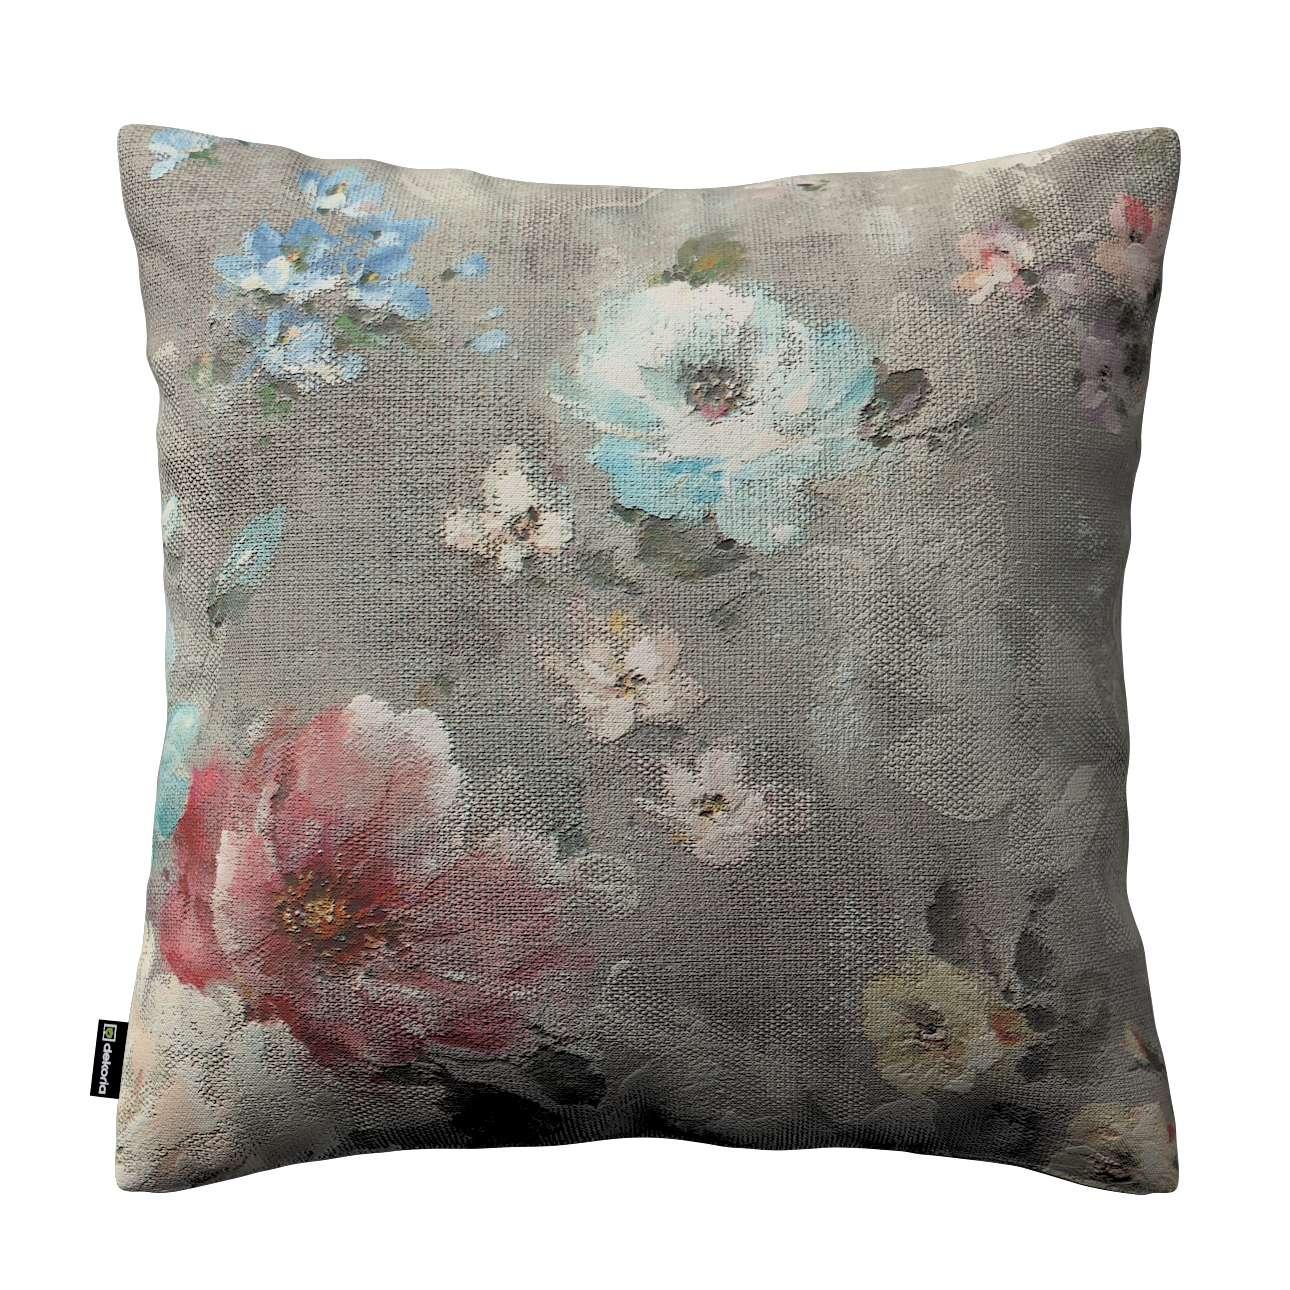 Karin - jednoduchá obliečka V kolekcii Flowers, tkanina: 137-81